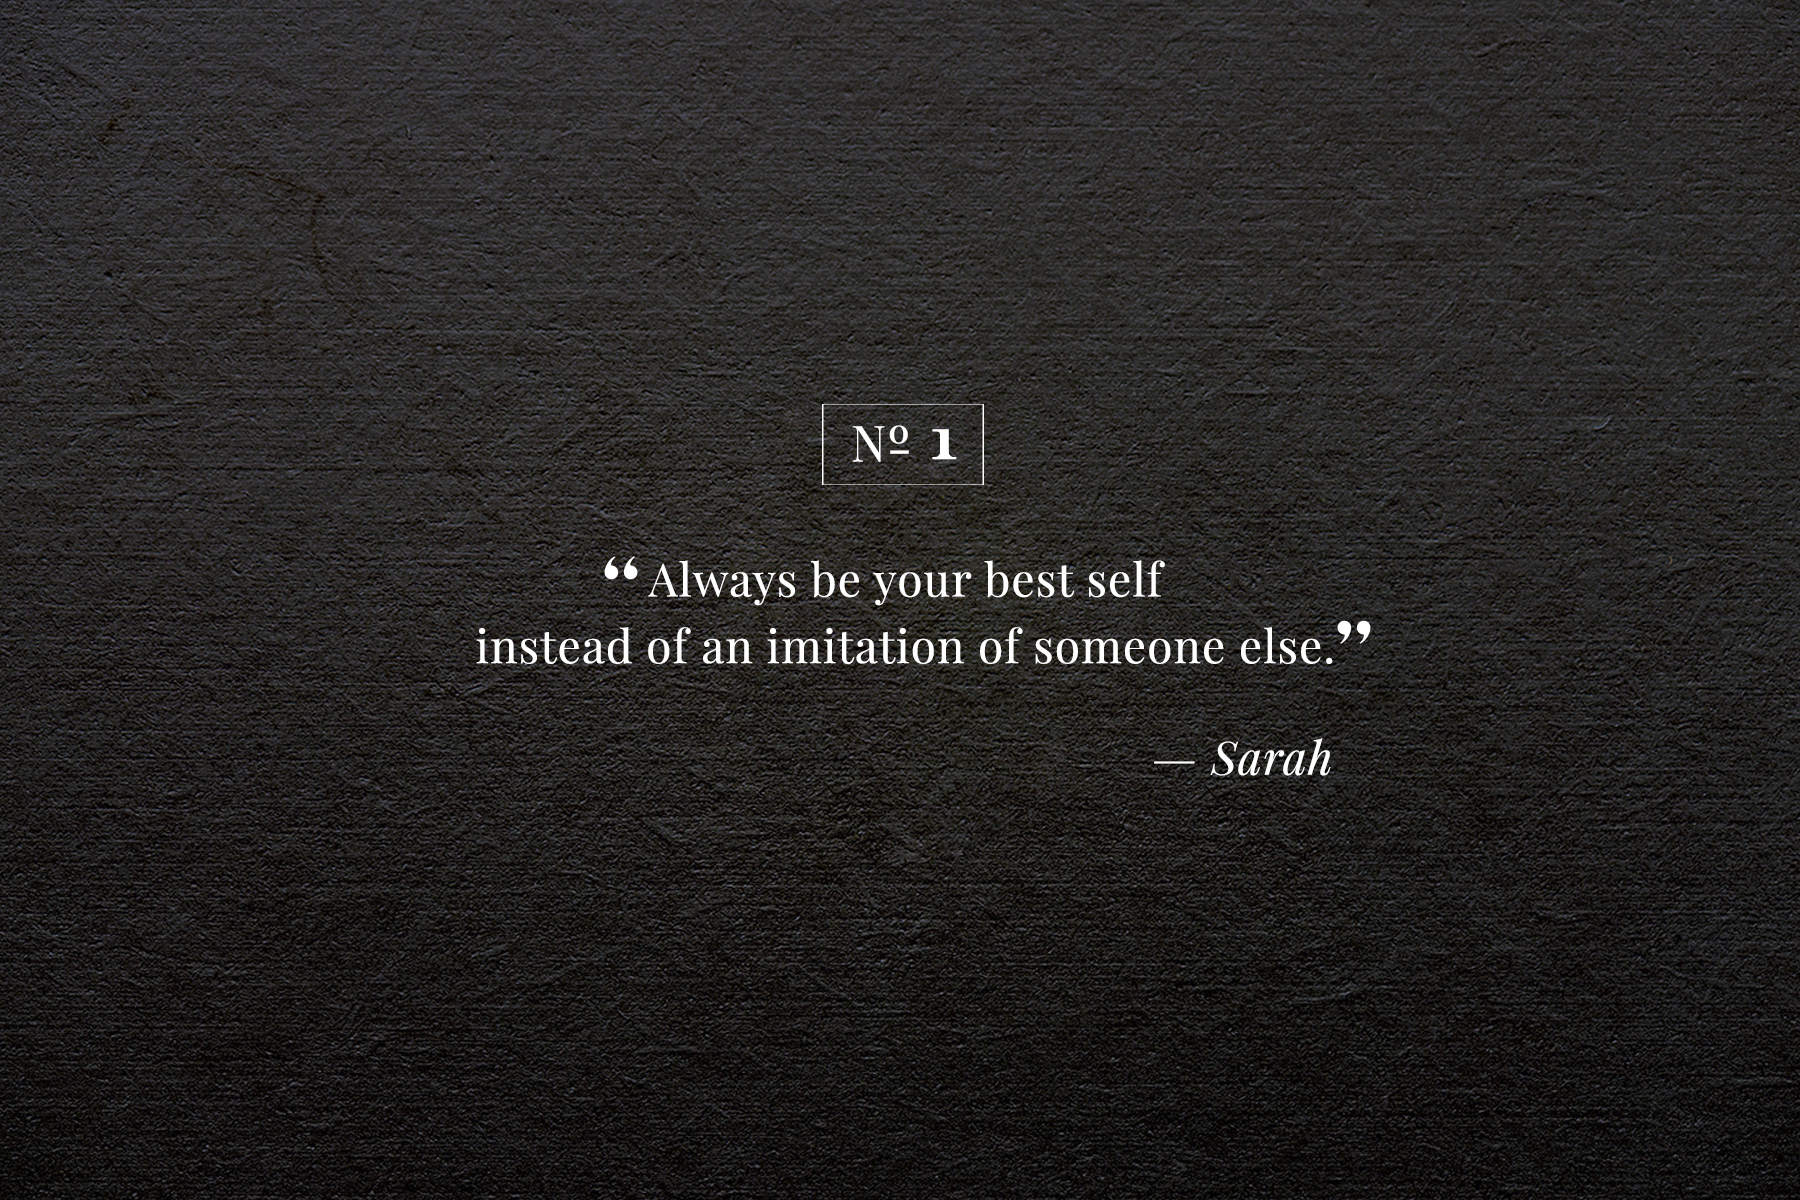 Sarah #1.jpg